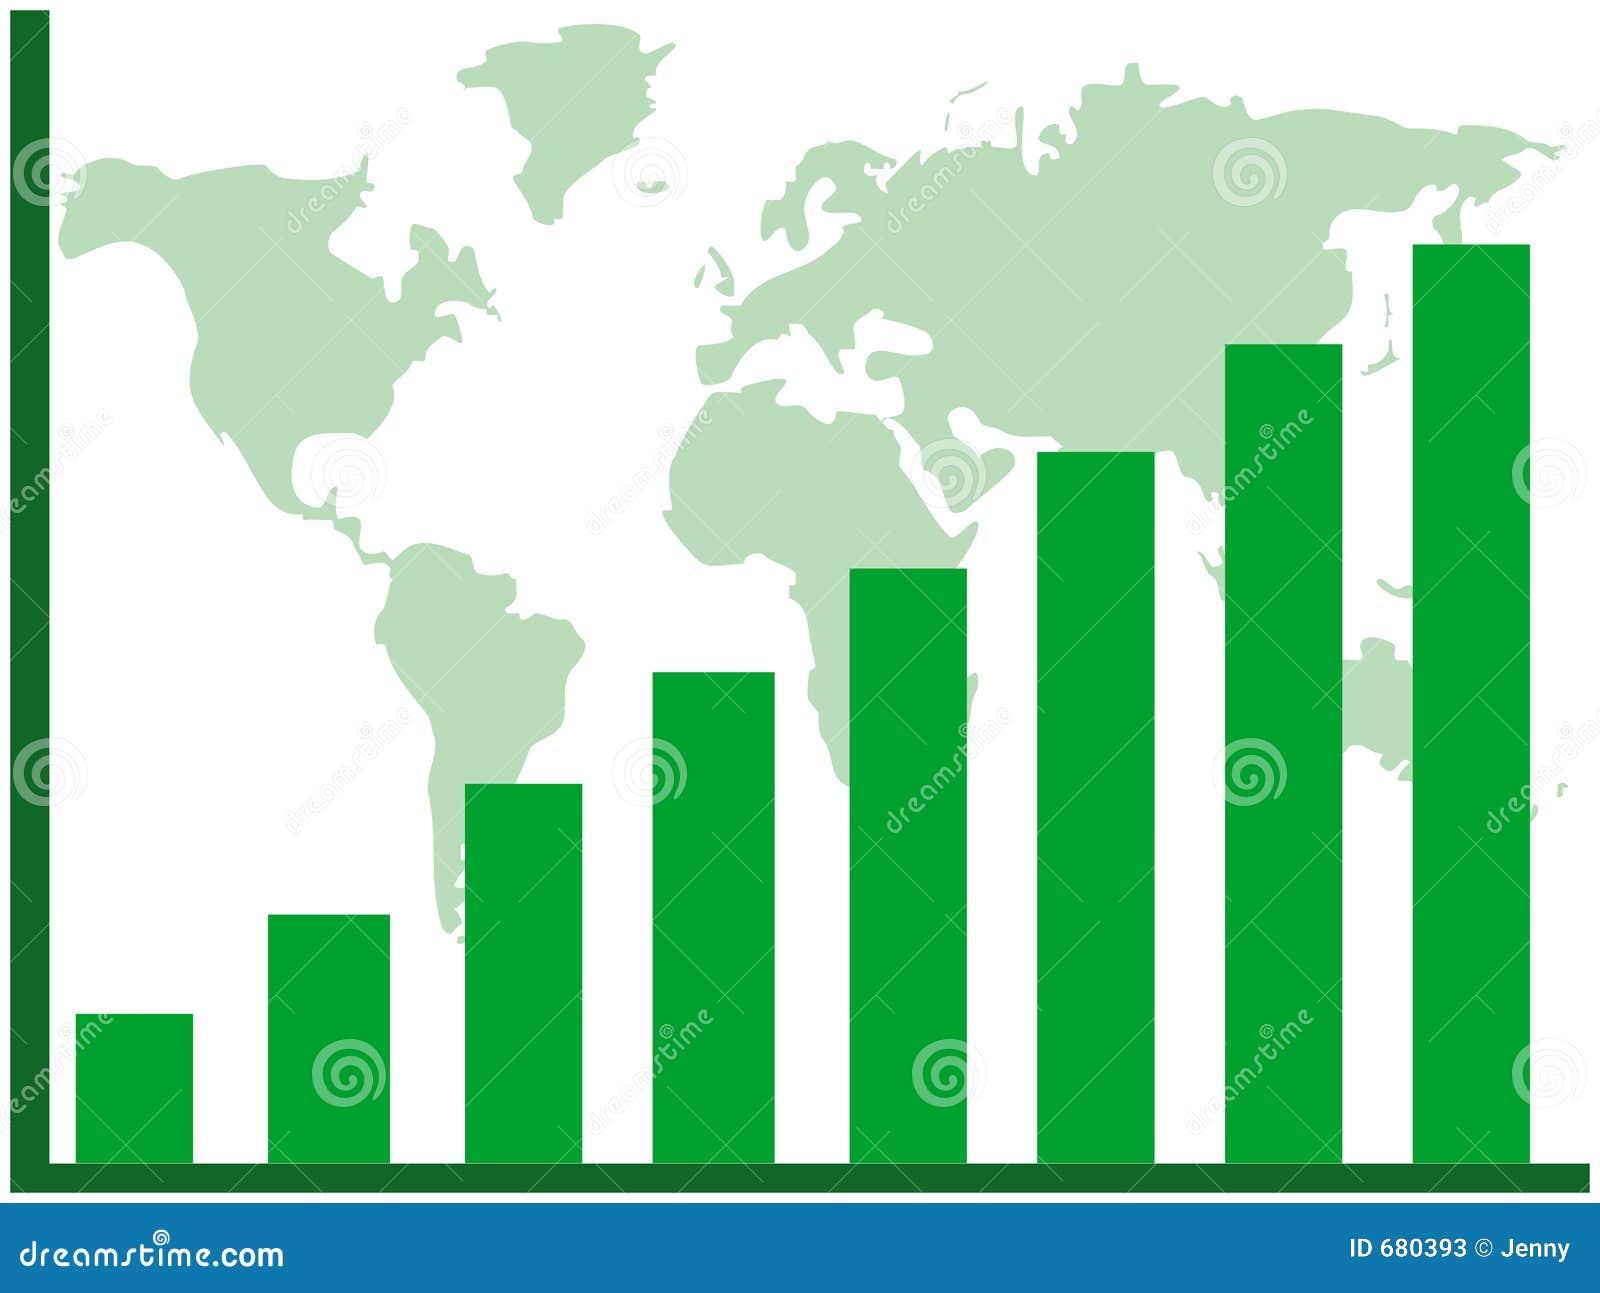 κόσμος χαρτών ιστογραμμάτ&omeg